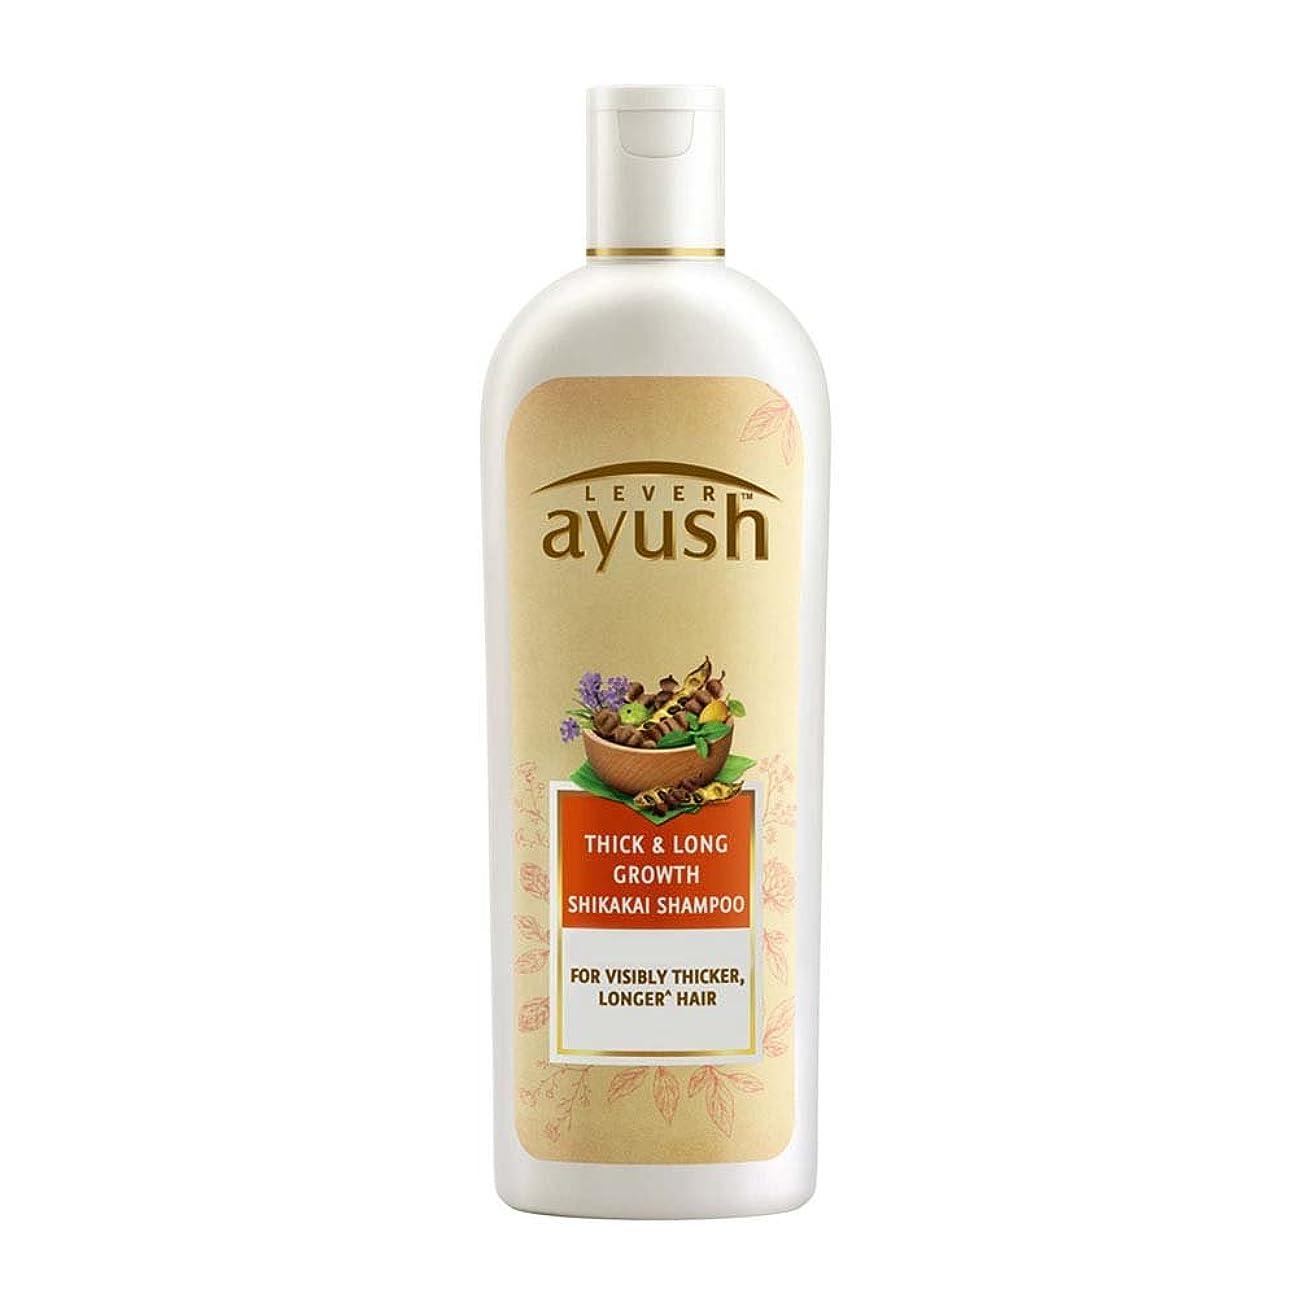 足音変装アシュリータファーマンLever Ayush Thick and Long Growth Shikakai Shampoo, 175ml - 並行輸入品 - レバーアユッシュシック&ロンググローブシカカイシャンプー、175ml